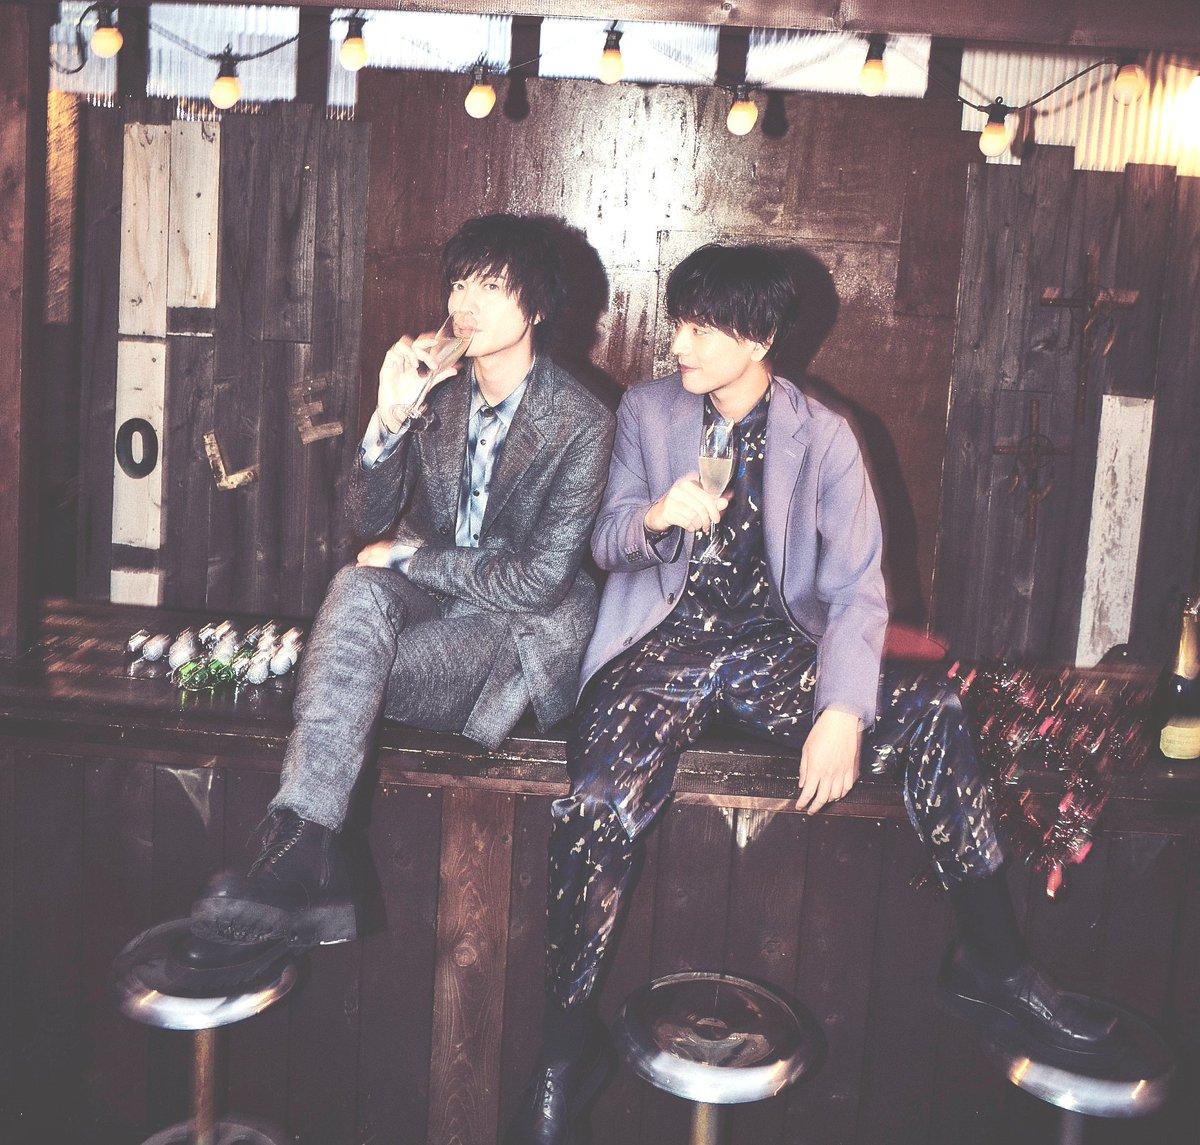 #JUNONTV に #黒羽麻璃央 くんと #山本一慶 くんの動画がUPされました!メリークリスマスで盛り上がる仲良し2人!ニコニコ笑顔、たまりませんぞ♡